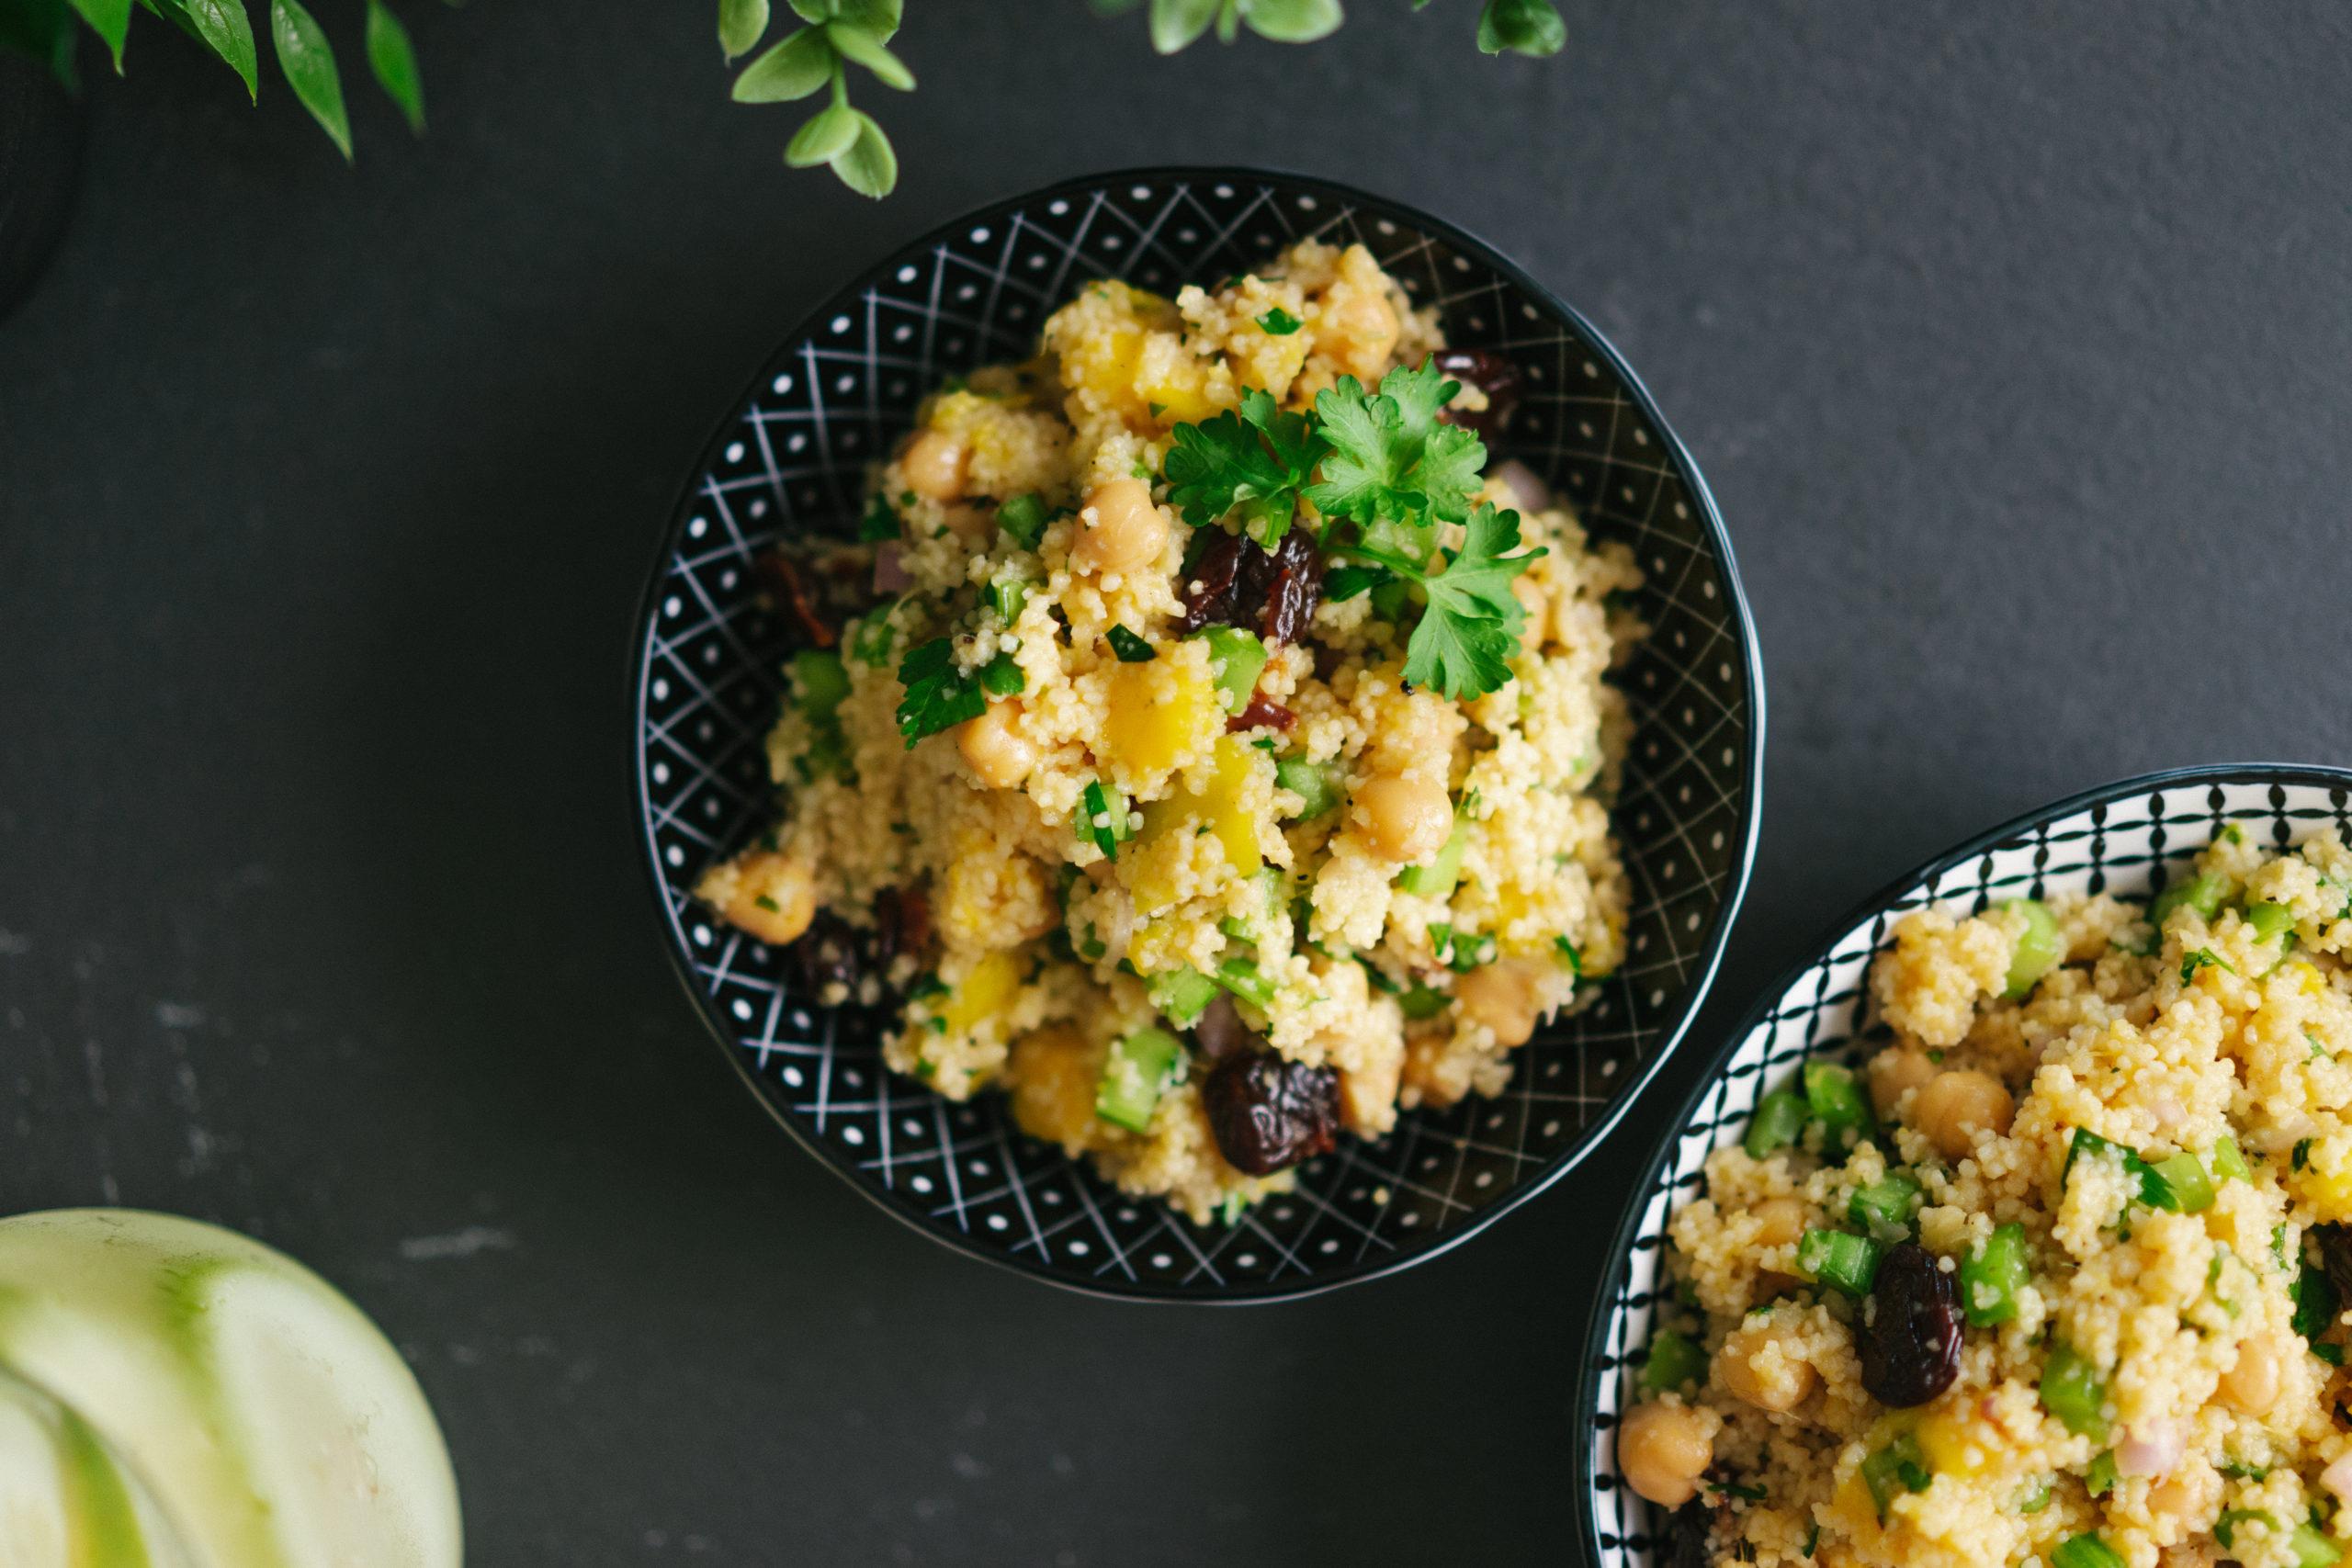 Couscous-Salat mit Kichererbsen und Mango von oben